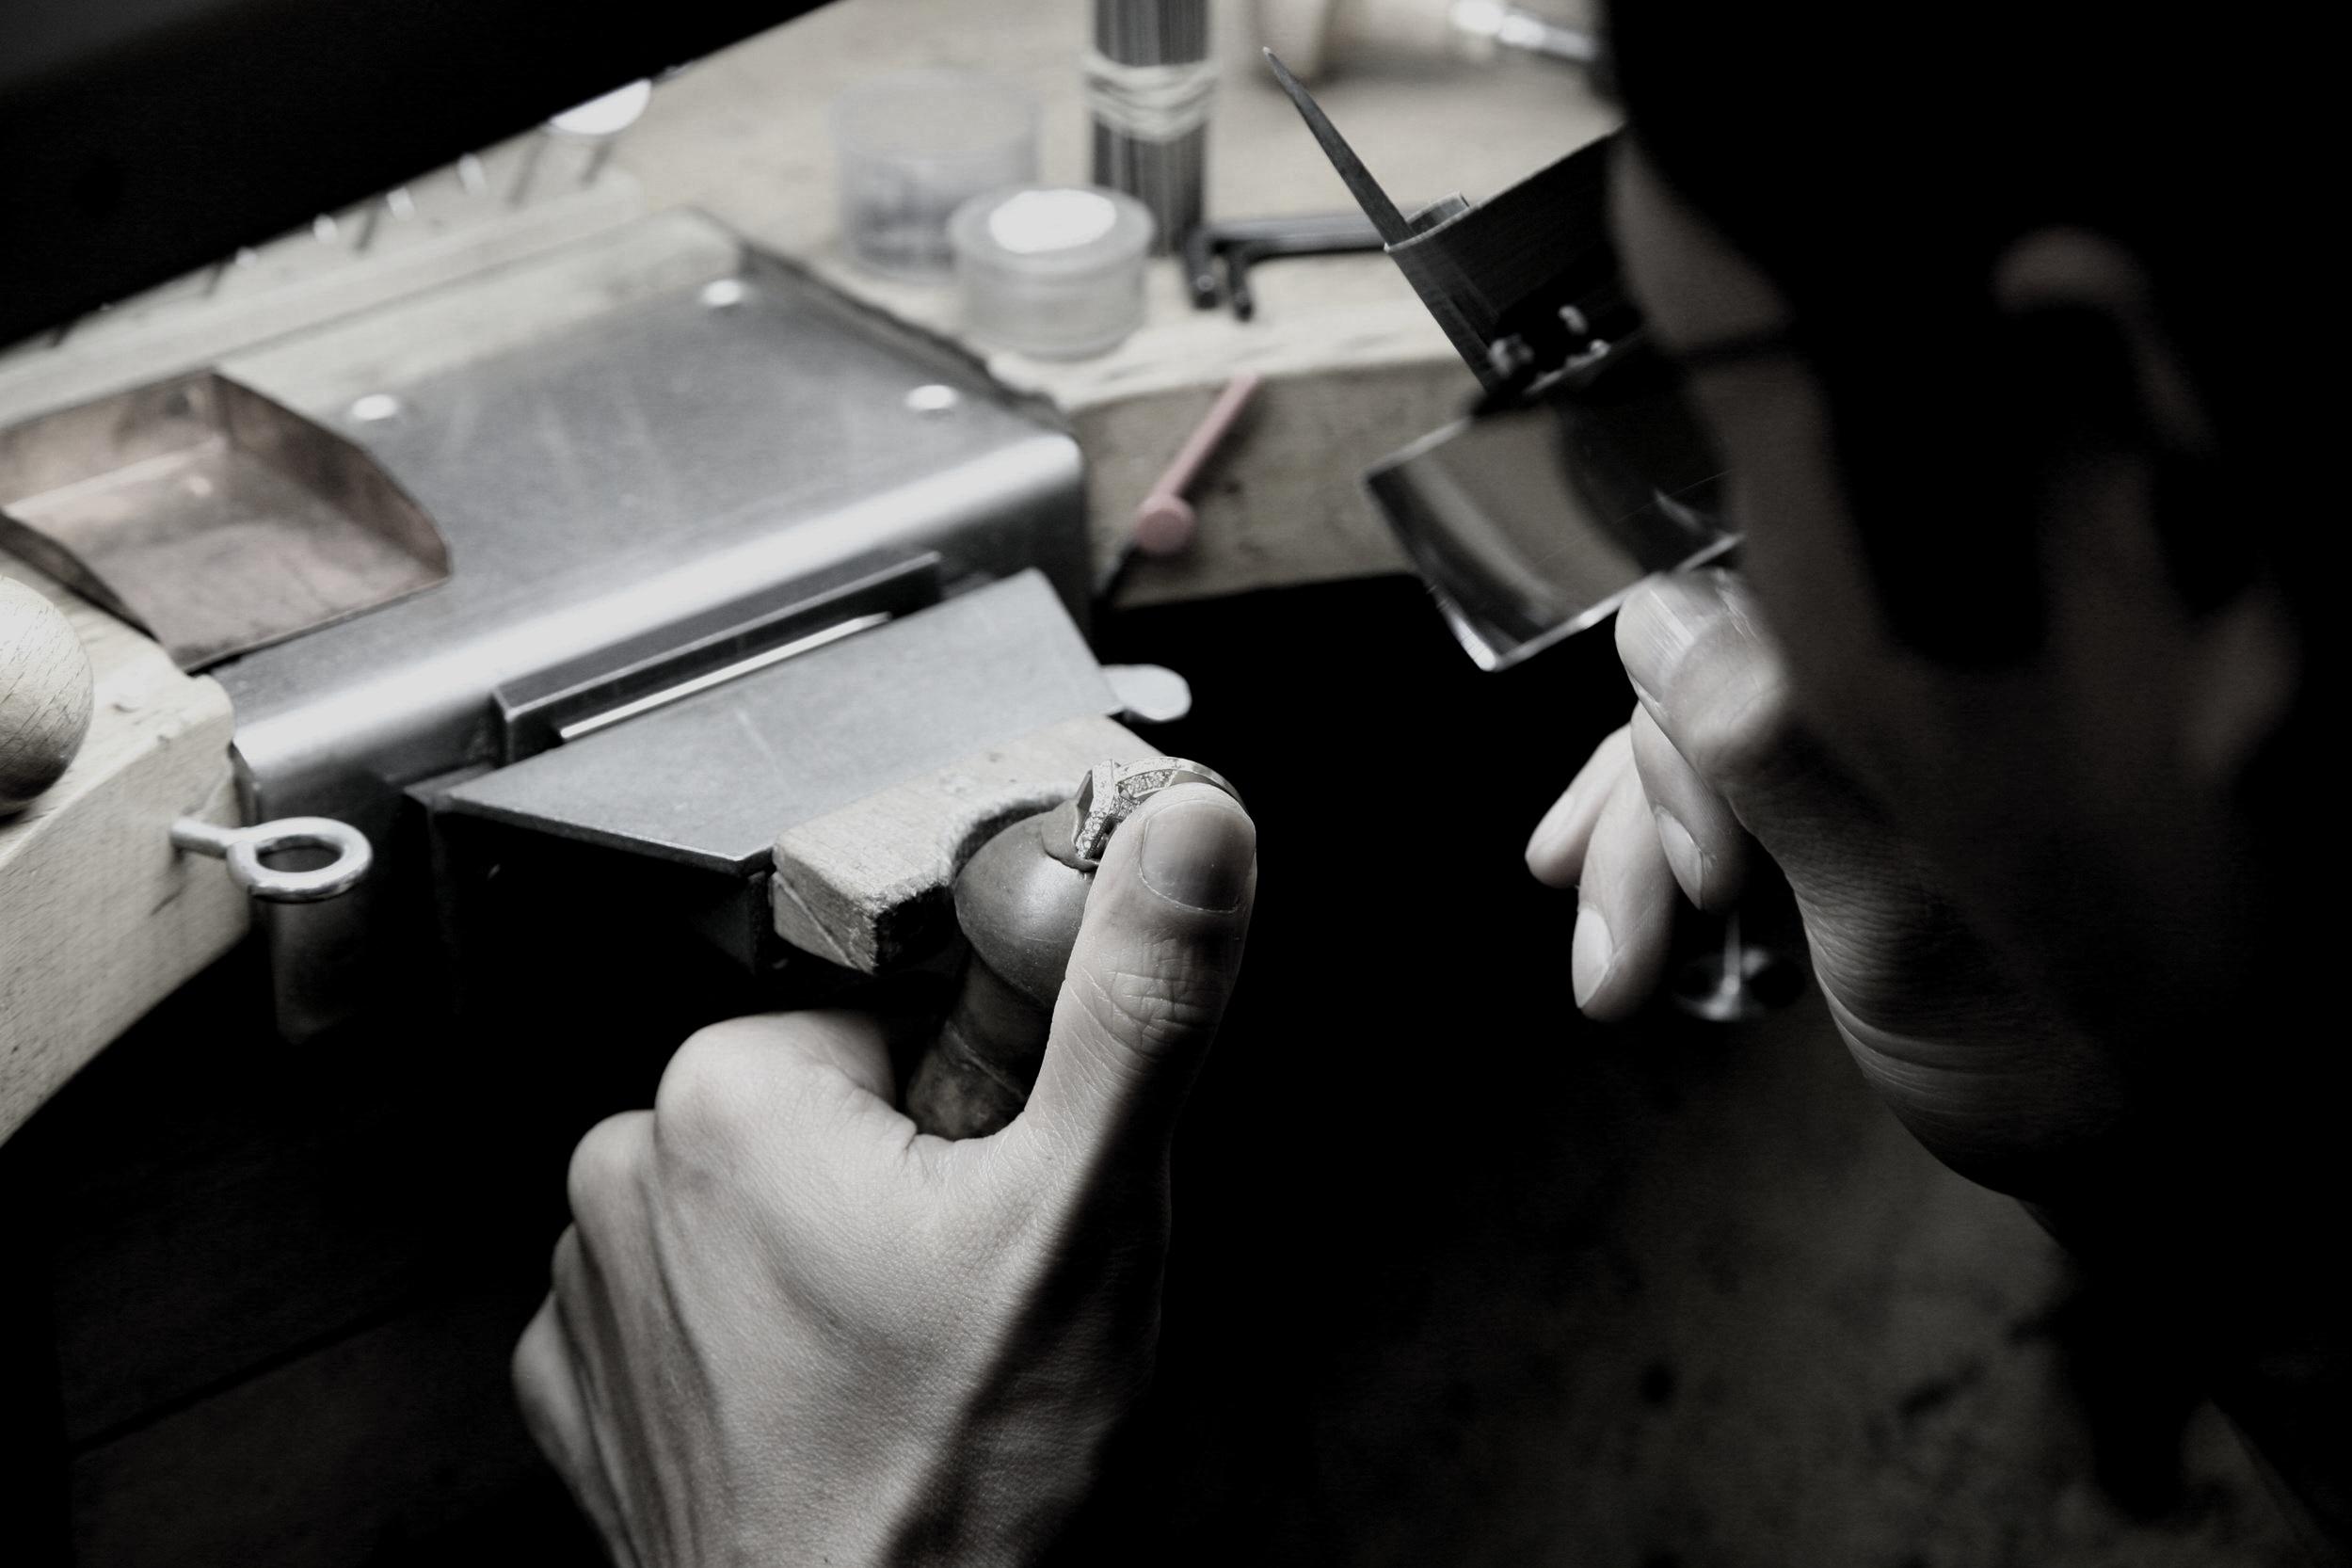 Authentiek Handwerk - Elk juweel van Blériot wordt op artisanale wijze volledig met de hand gemaakt door onze Meester-goudsmeden.Hierdoor is uw verlovingsring steeds van de allerhoogste kwaliteit. We geven dan ook een levenslange garantie op al onze juwelen.